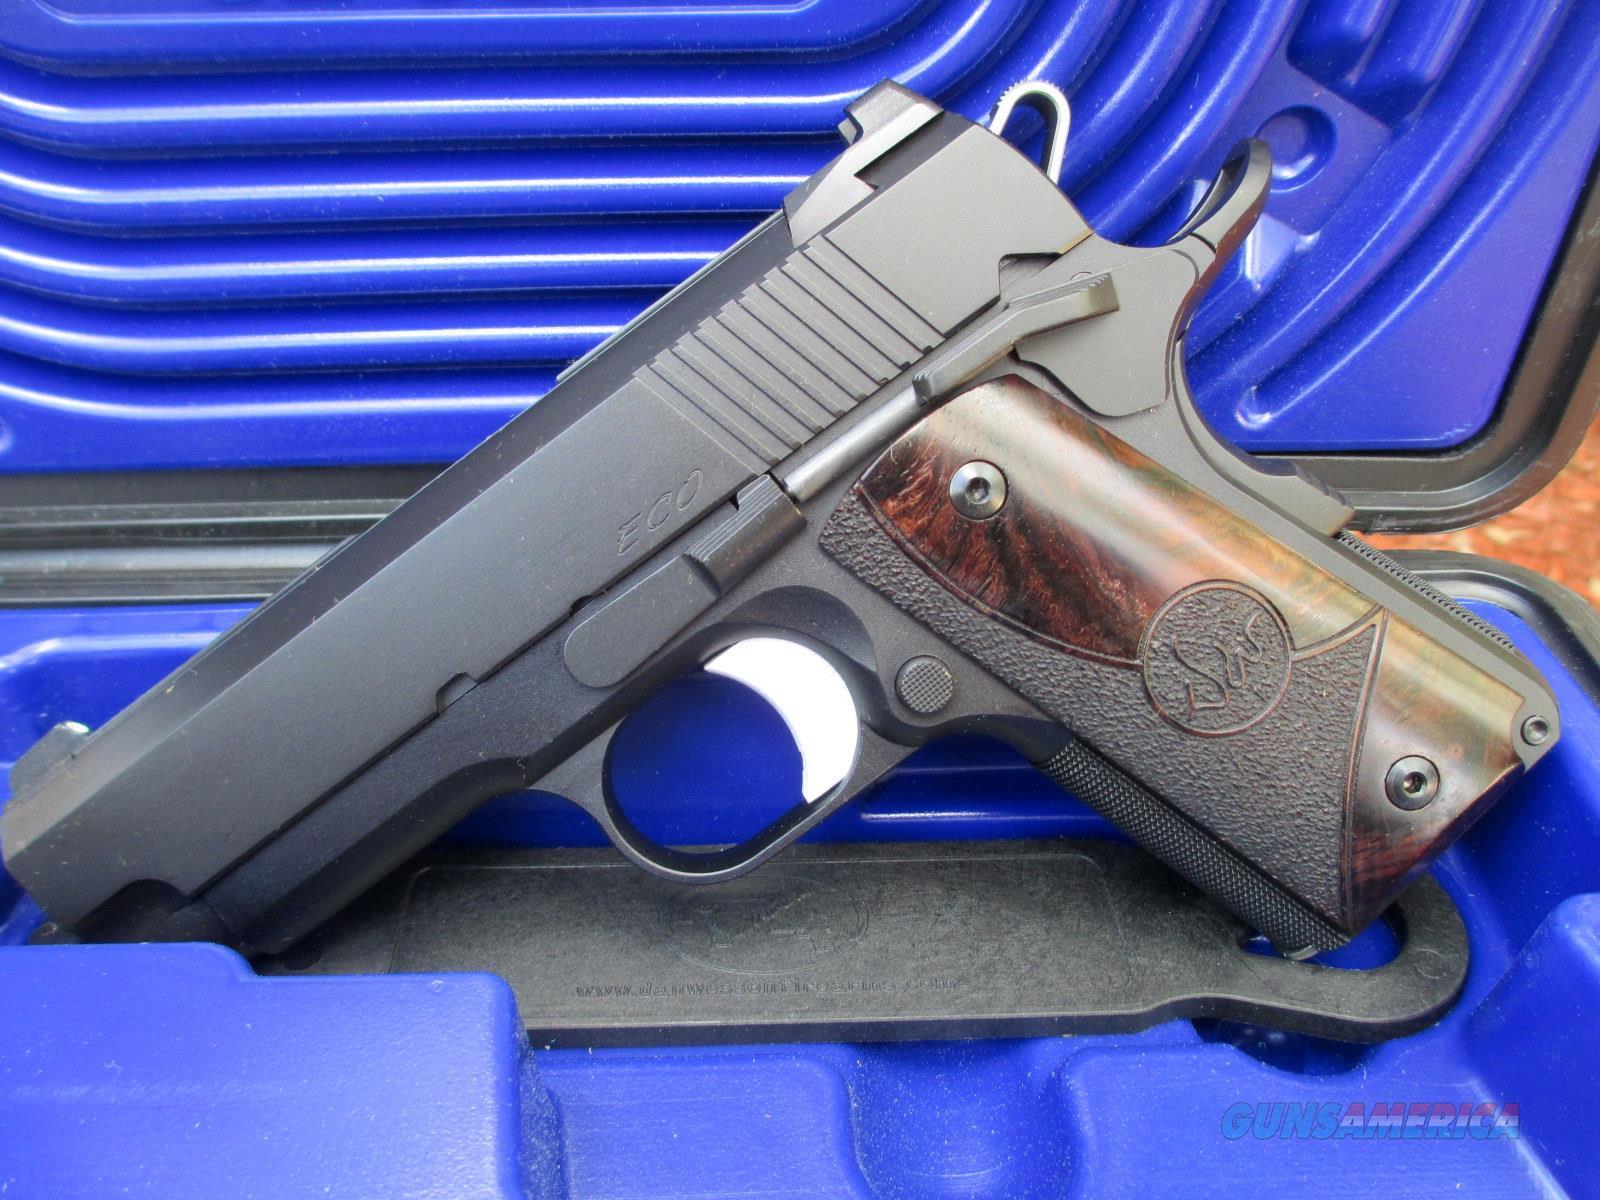 DAN WESSON ECO  Guns > Pistols > Dan Wesson Pistols/Revolvers > 1911 Style